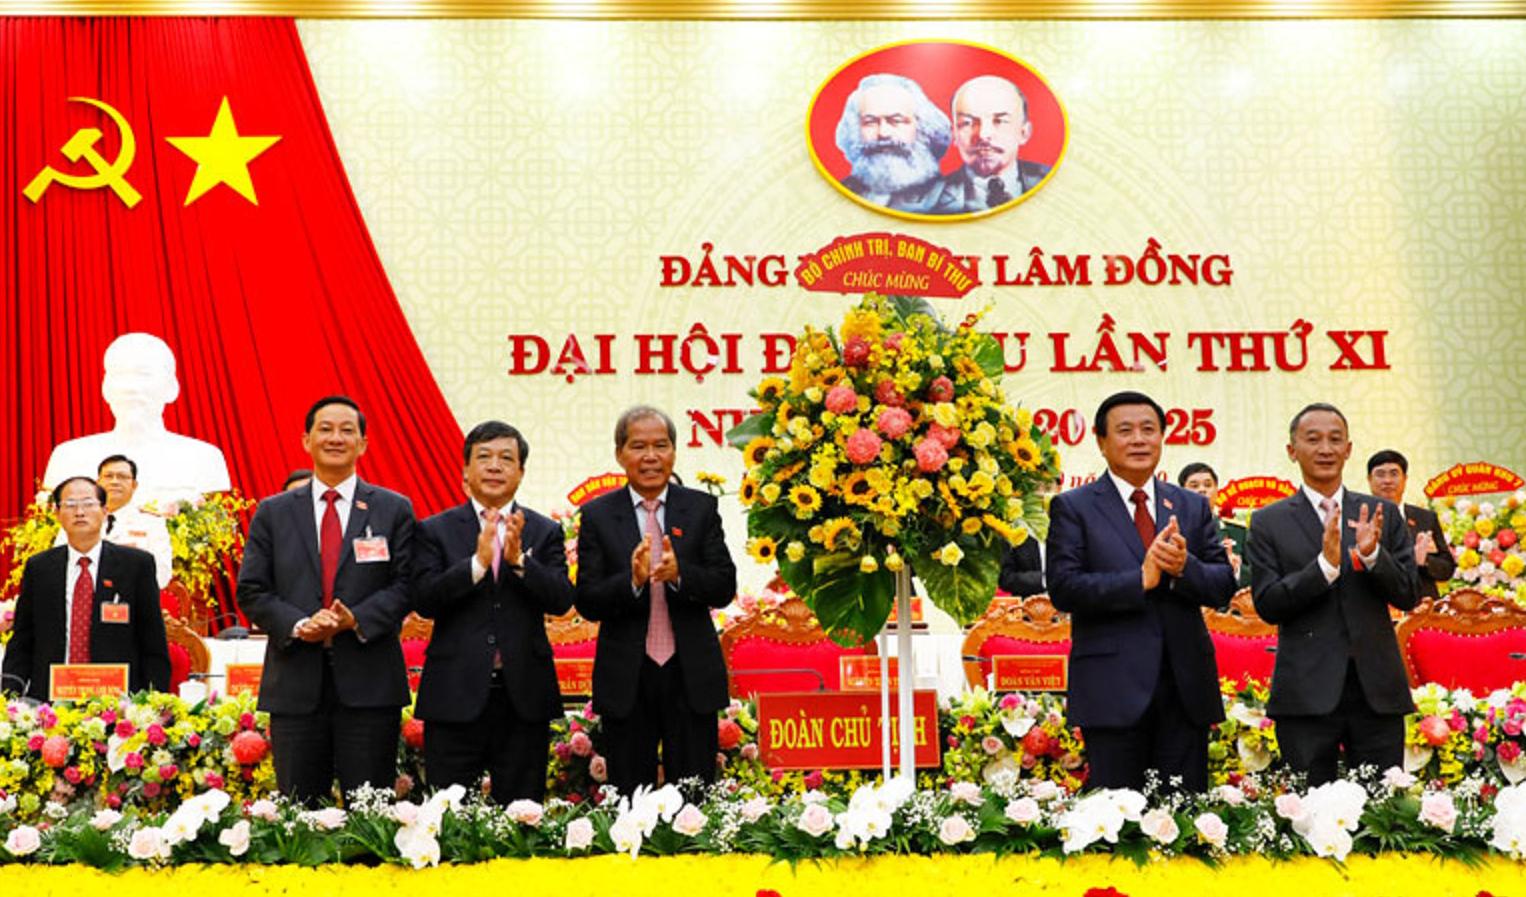 Đồng chí Nguyễn Xuân Thắng - Bí thư Trung ương Đảng, Giám đốc Học viện Chính trị quốc gia Hồ Chí Minh, Chủ tịch Hội đồng Lý luận Trung ương (thứ 2 từ phải qua) tặng hoa chúc mừng Đại hội